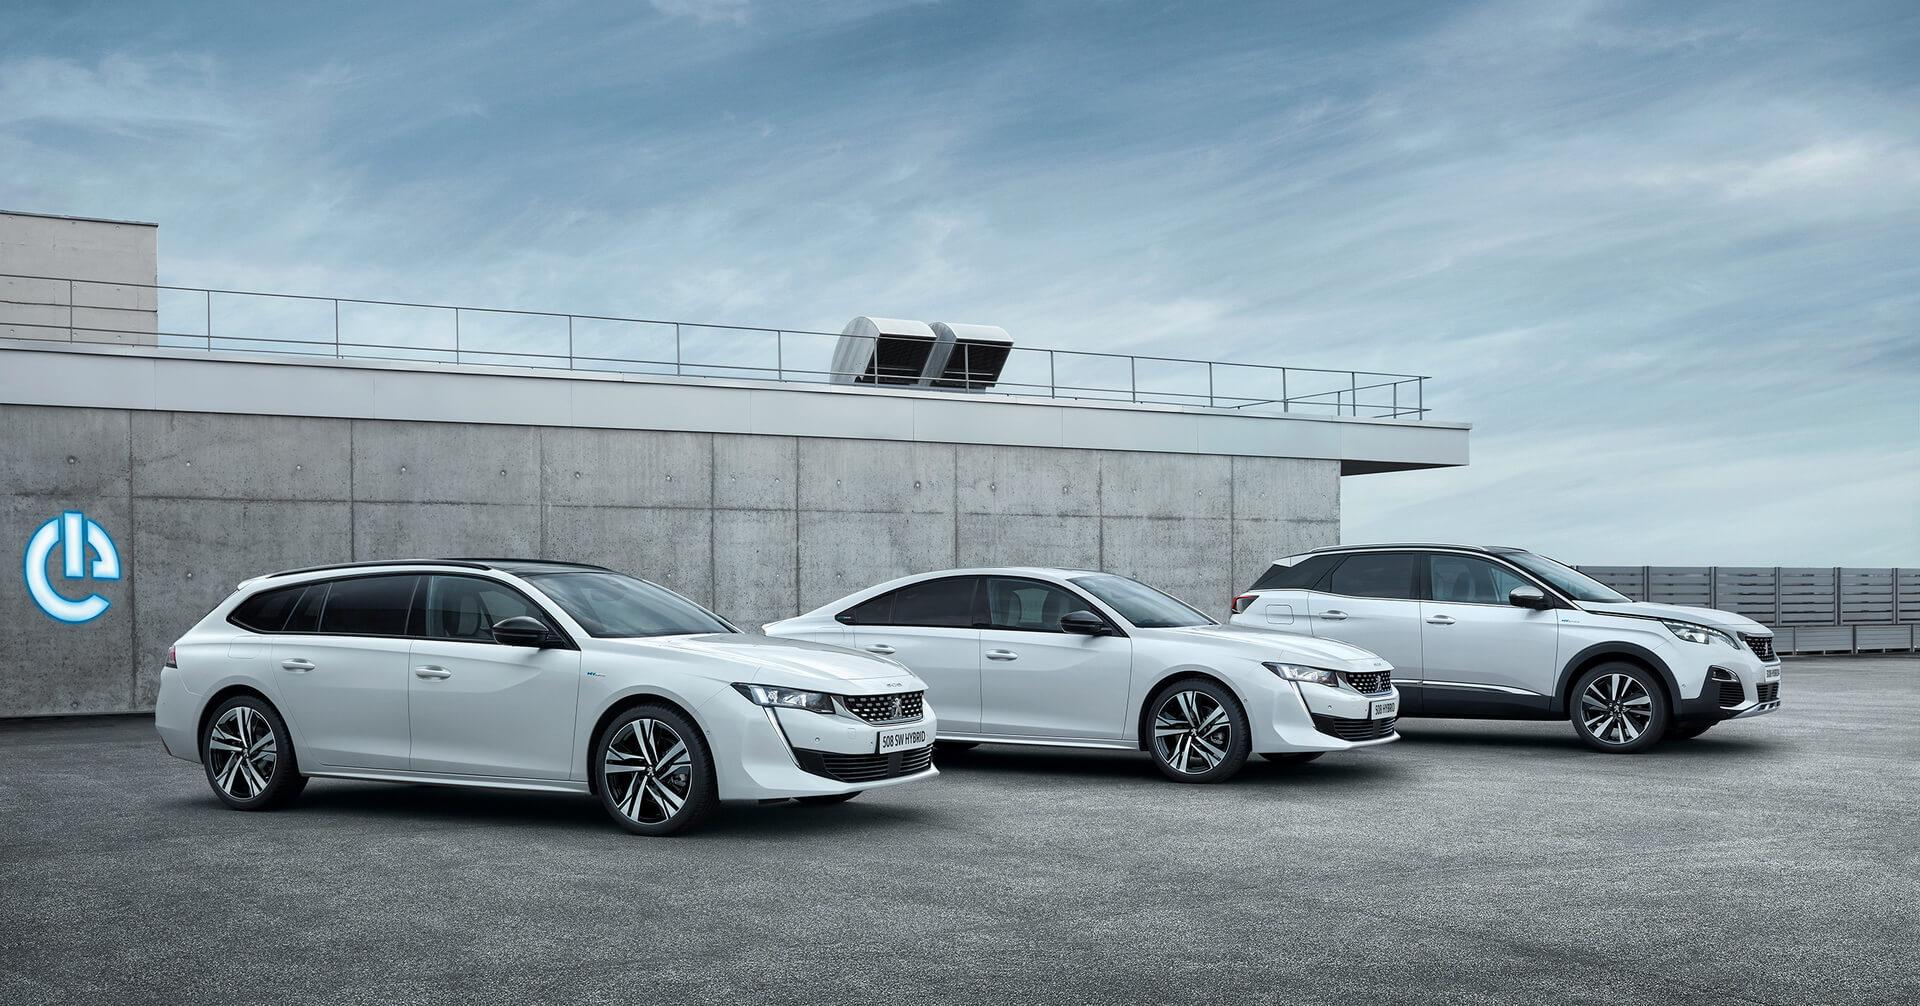 В 2019 году Peugeot выпустит три плагин-гибрида: 3008, 508 и 508 SW